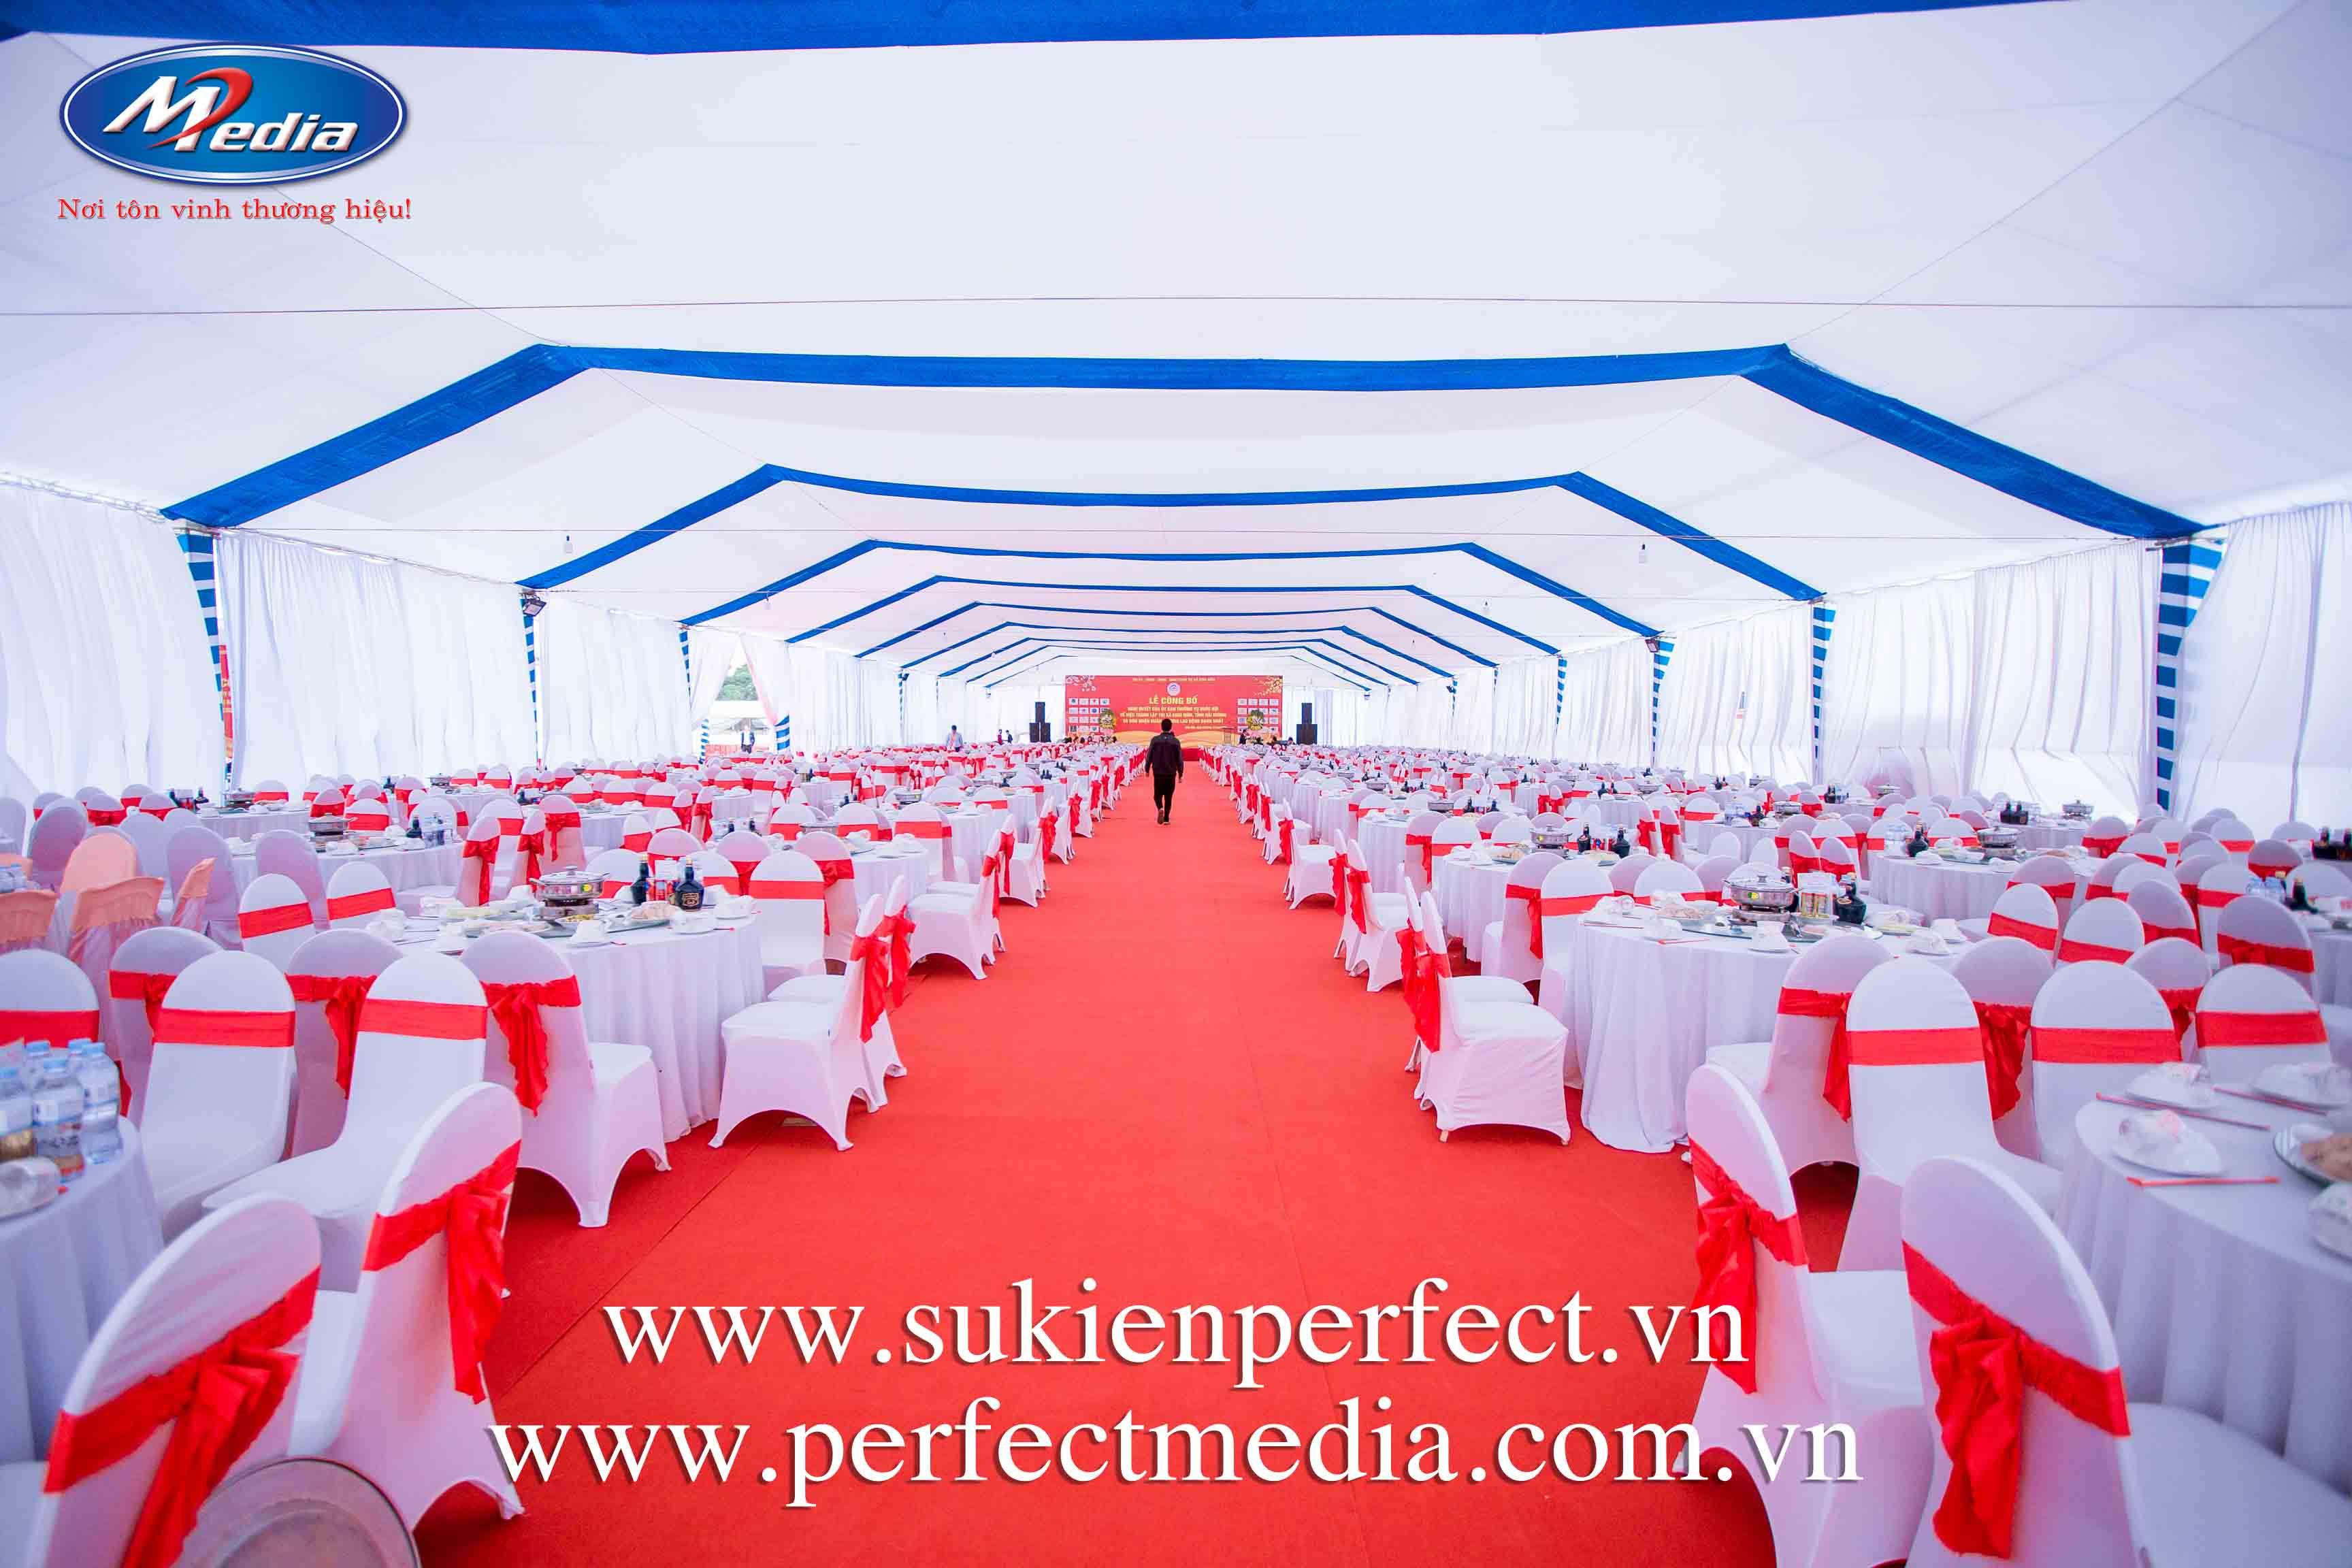 Công ty tổ chức sự kiện chuyên nghiệp tại Hải Dương Perfect Media